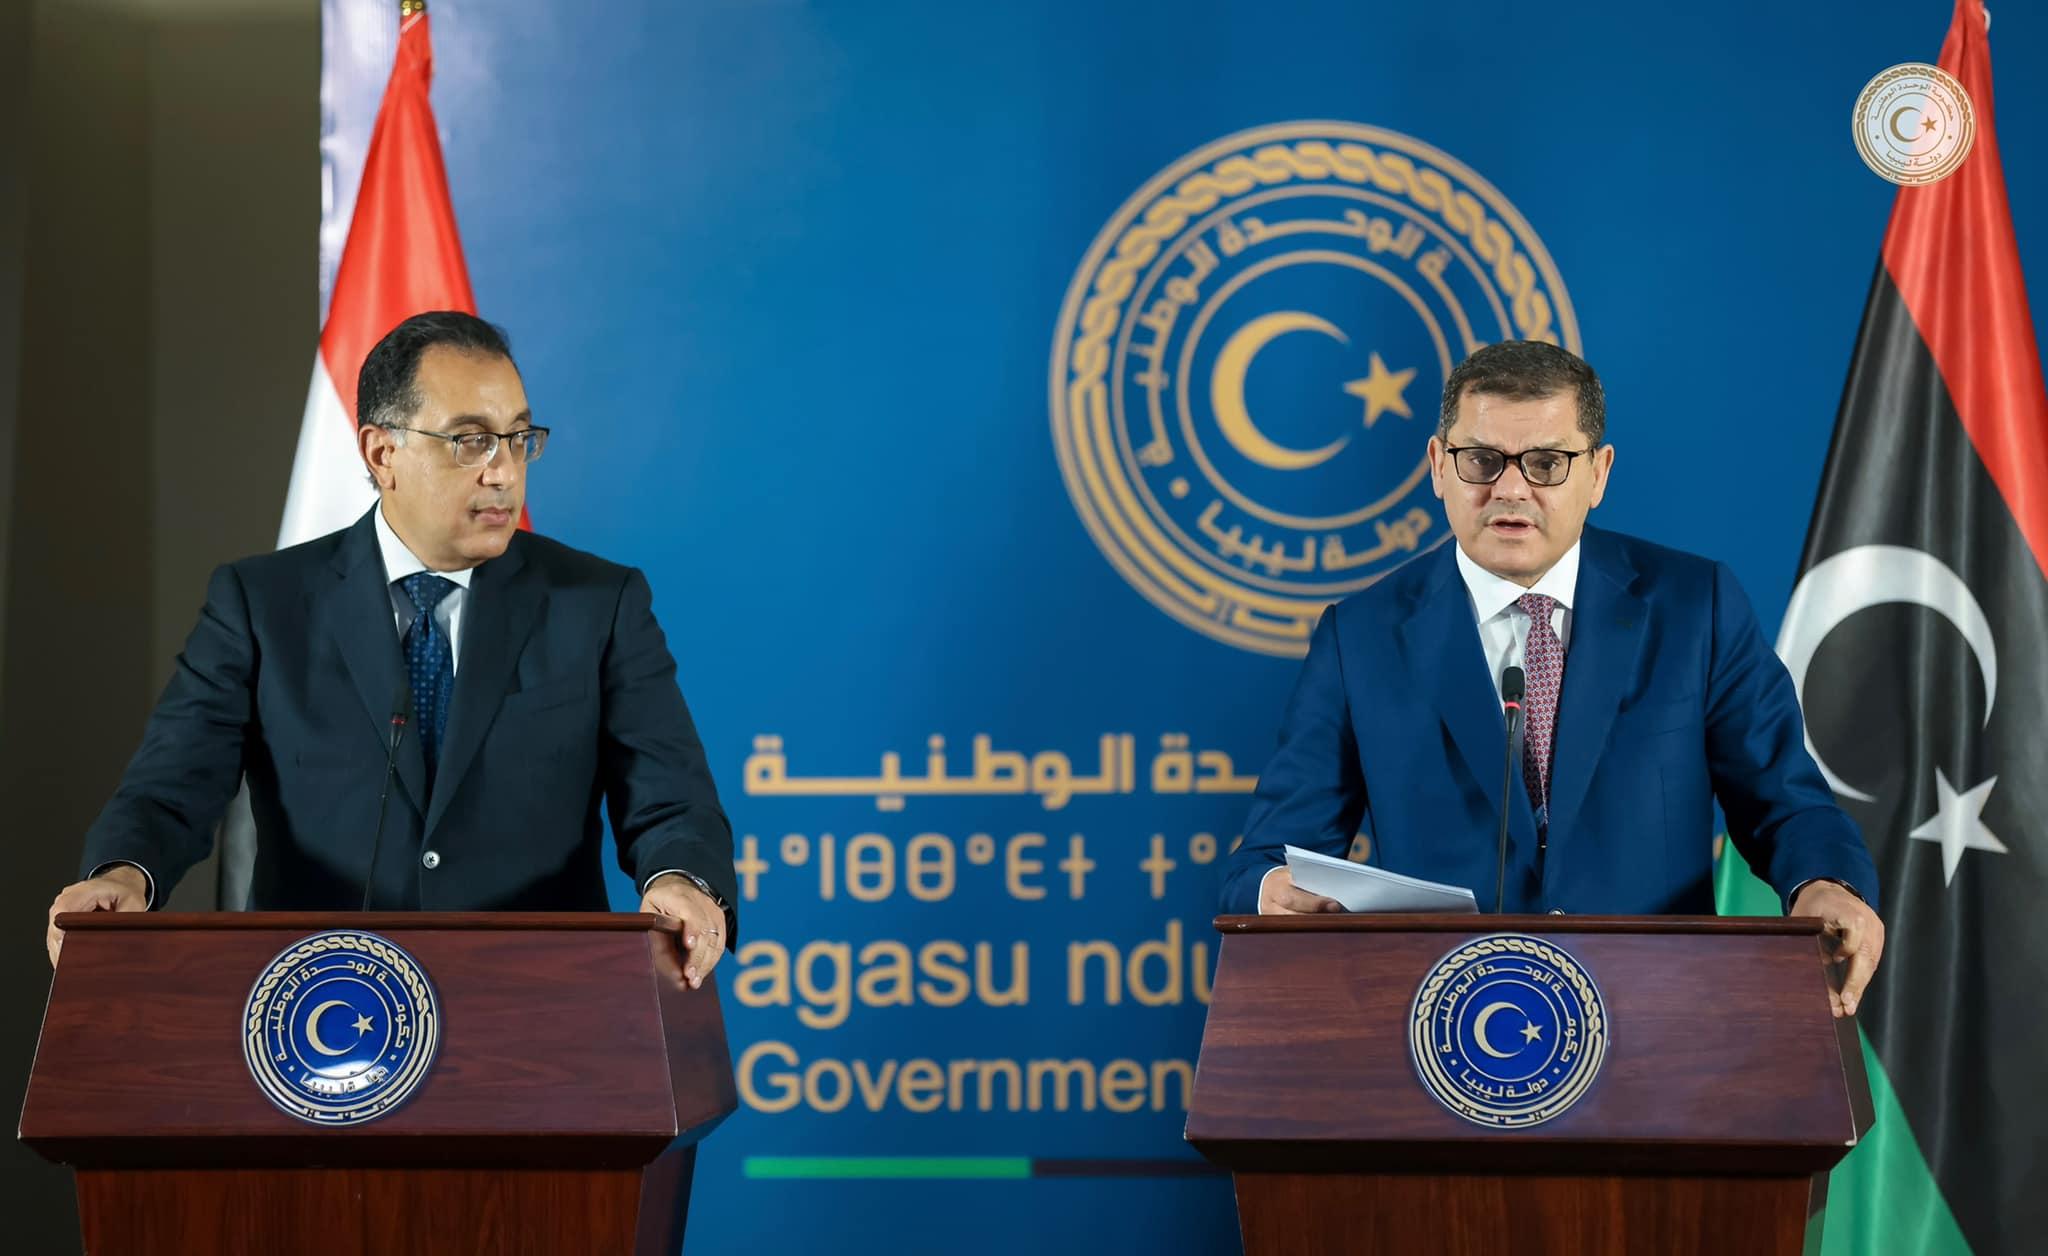 مصر و ليبيا تتفقان على إنشاء قاعدة بيانات لمكافحة الإرهاب